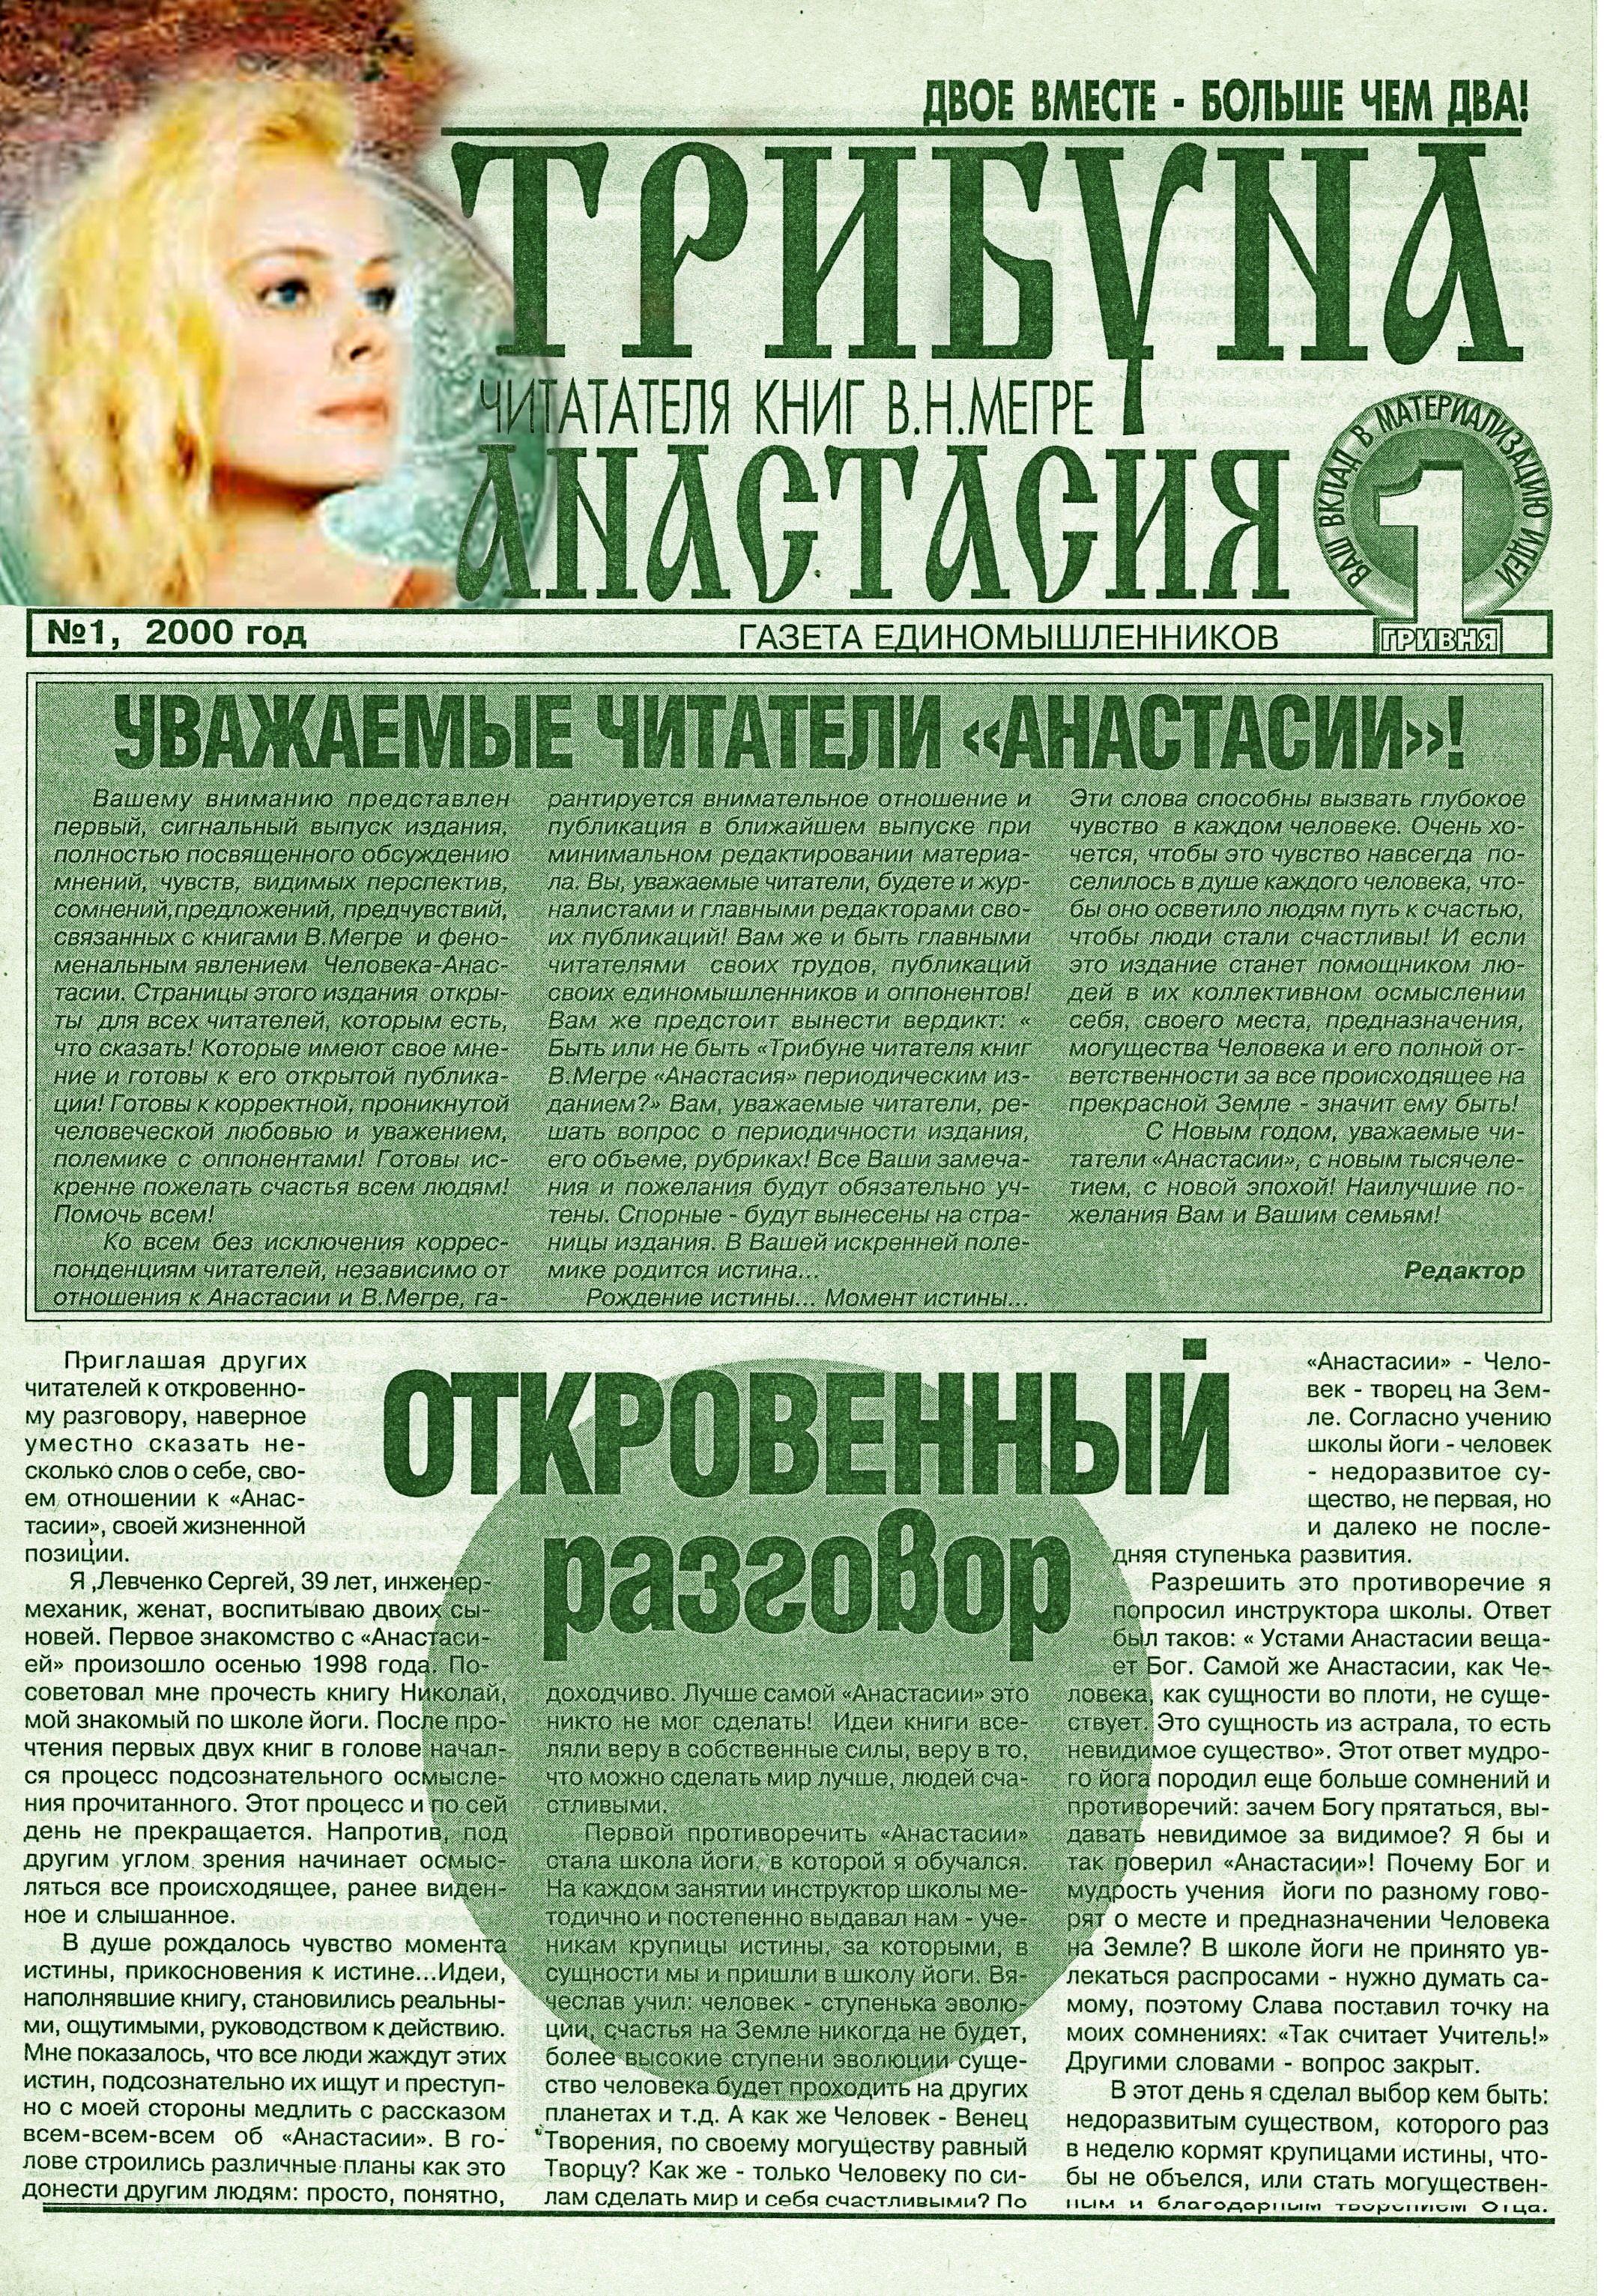 20 лет назад вышла первая газета читателей книг В.Мегре на Украине (2).jpg